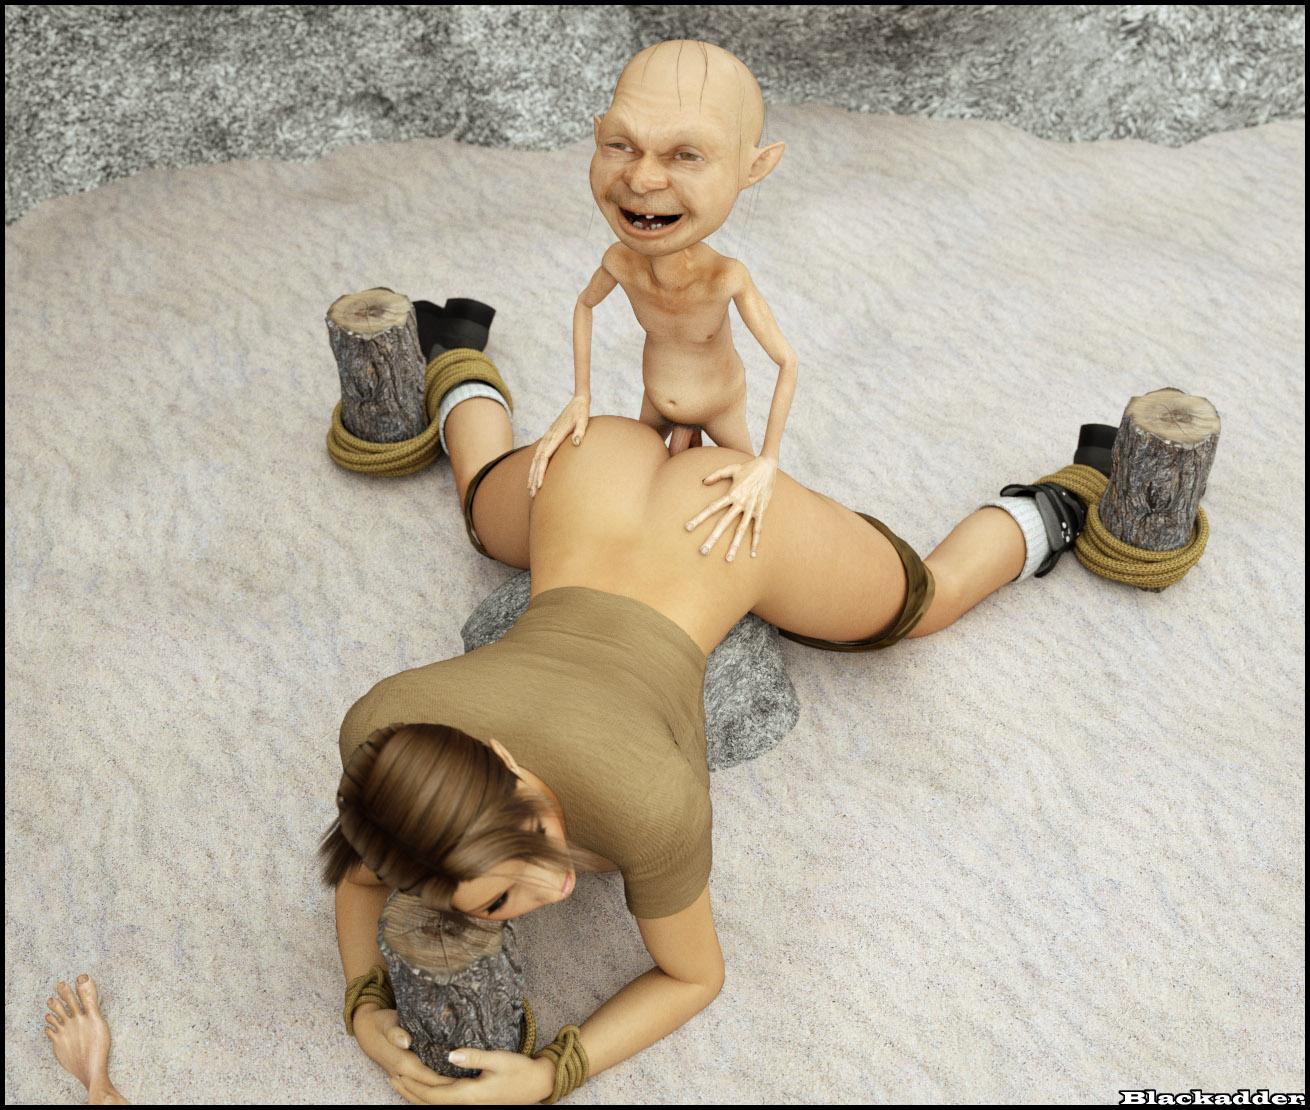 lara-kroft-i-goblini-porno